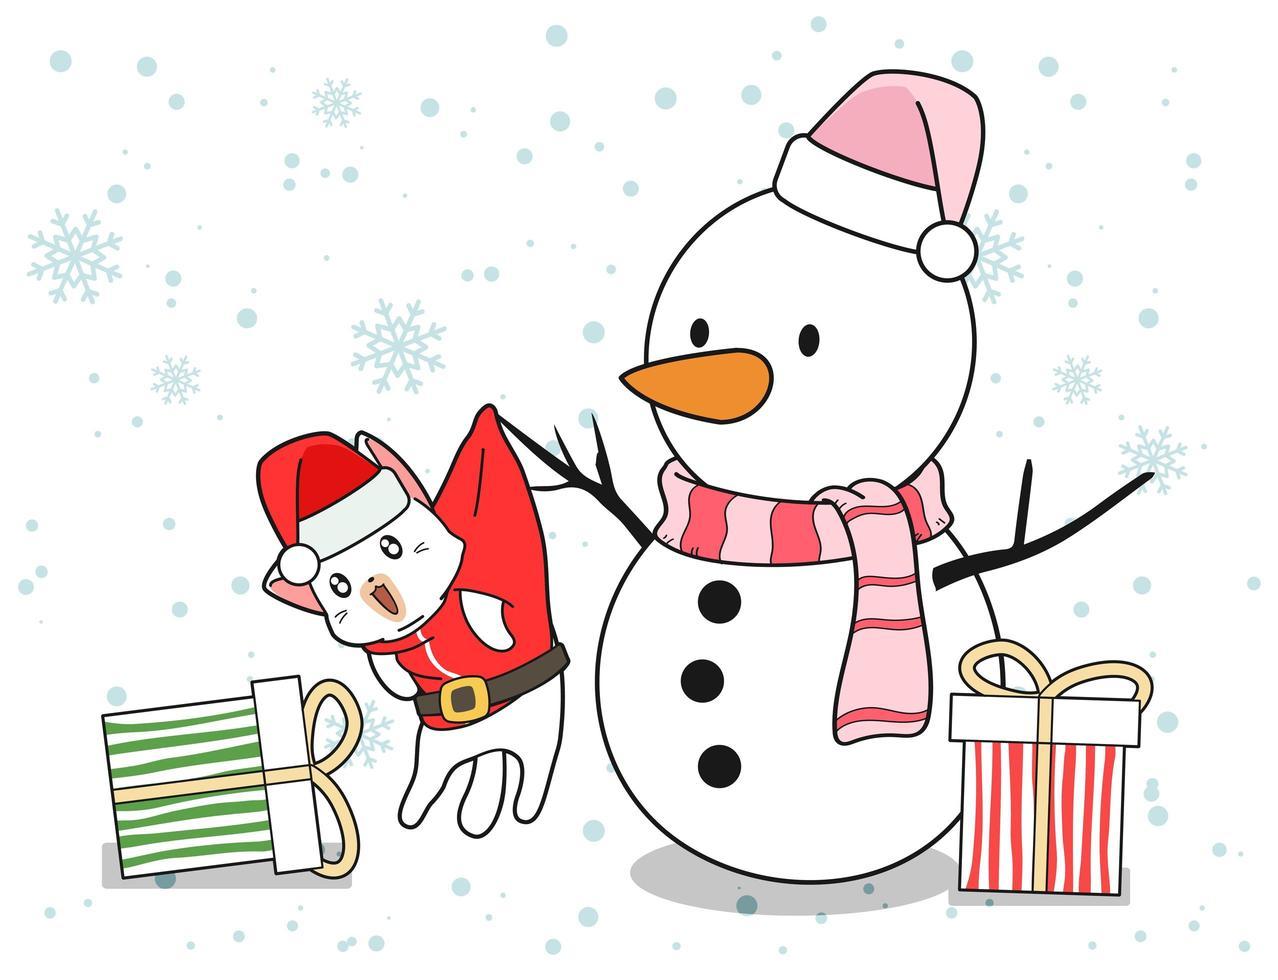 sneeuwman en santakat met giften vector